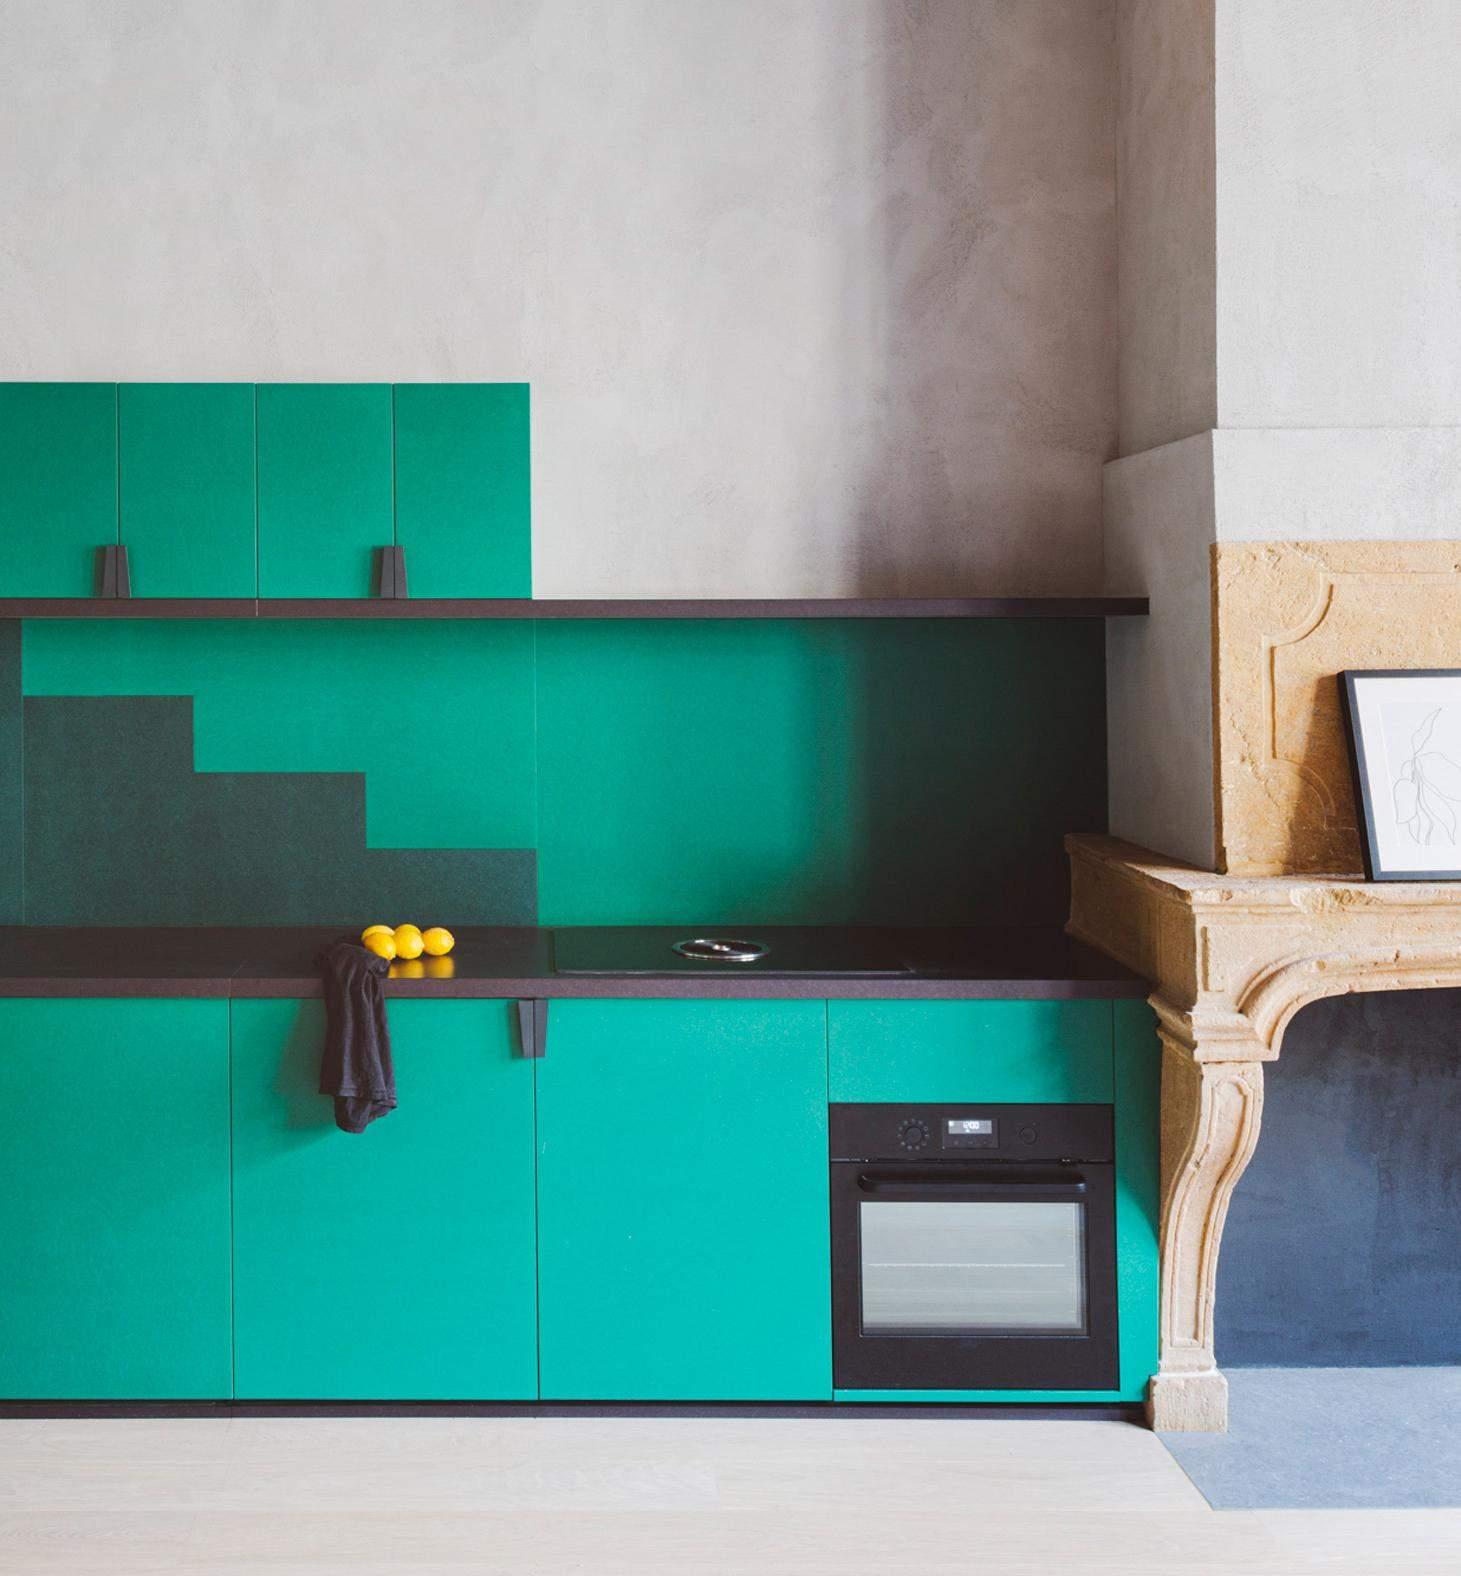 Ступінчаті кухонні шафи яскравого відтінку